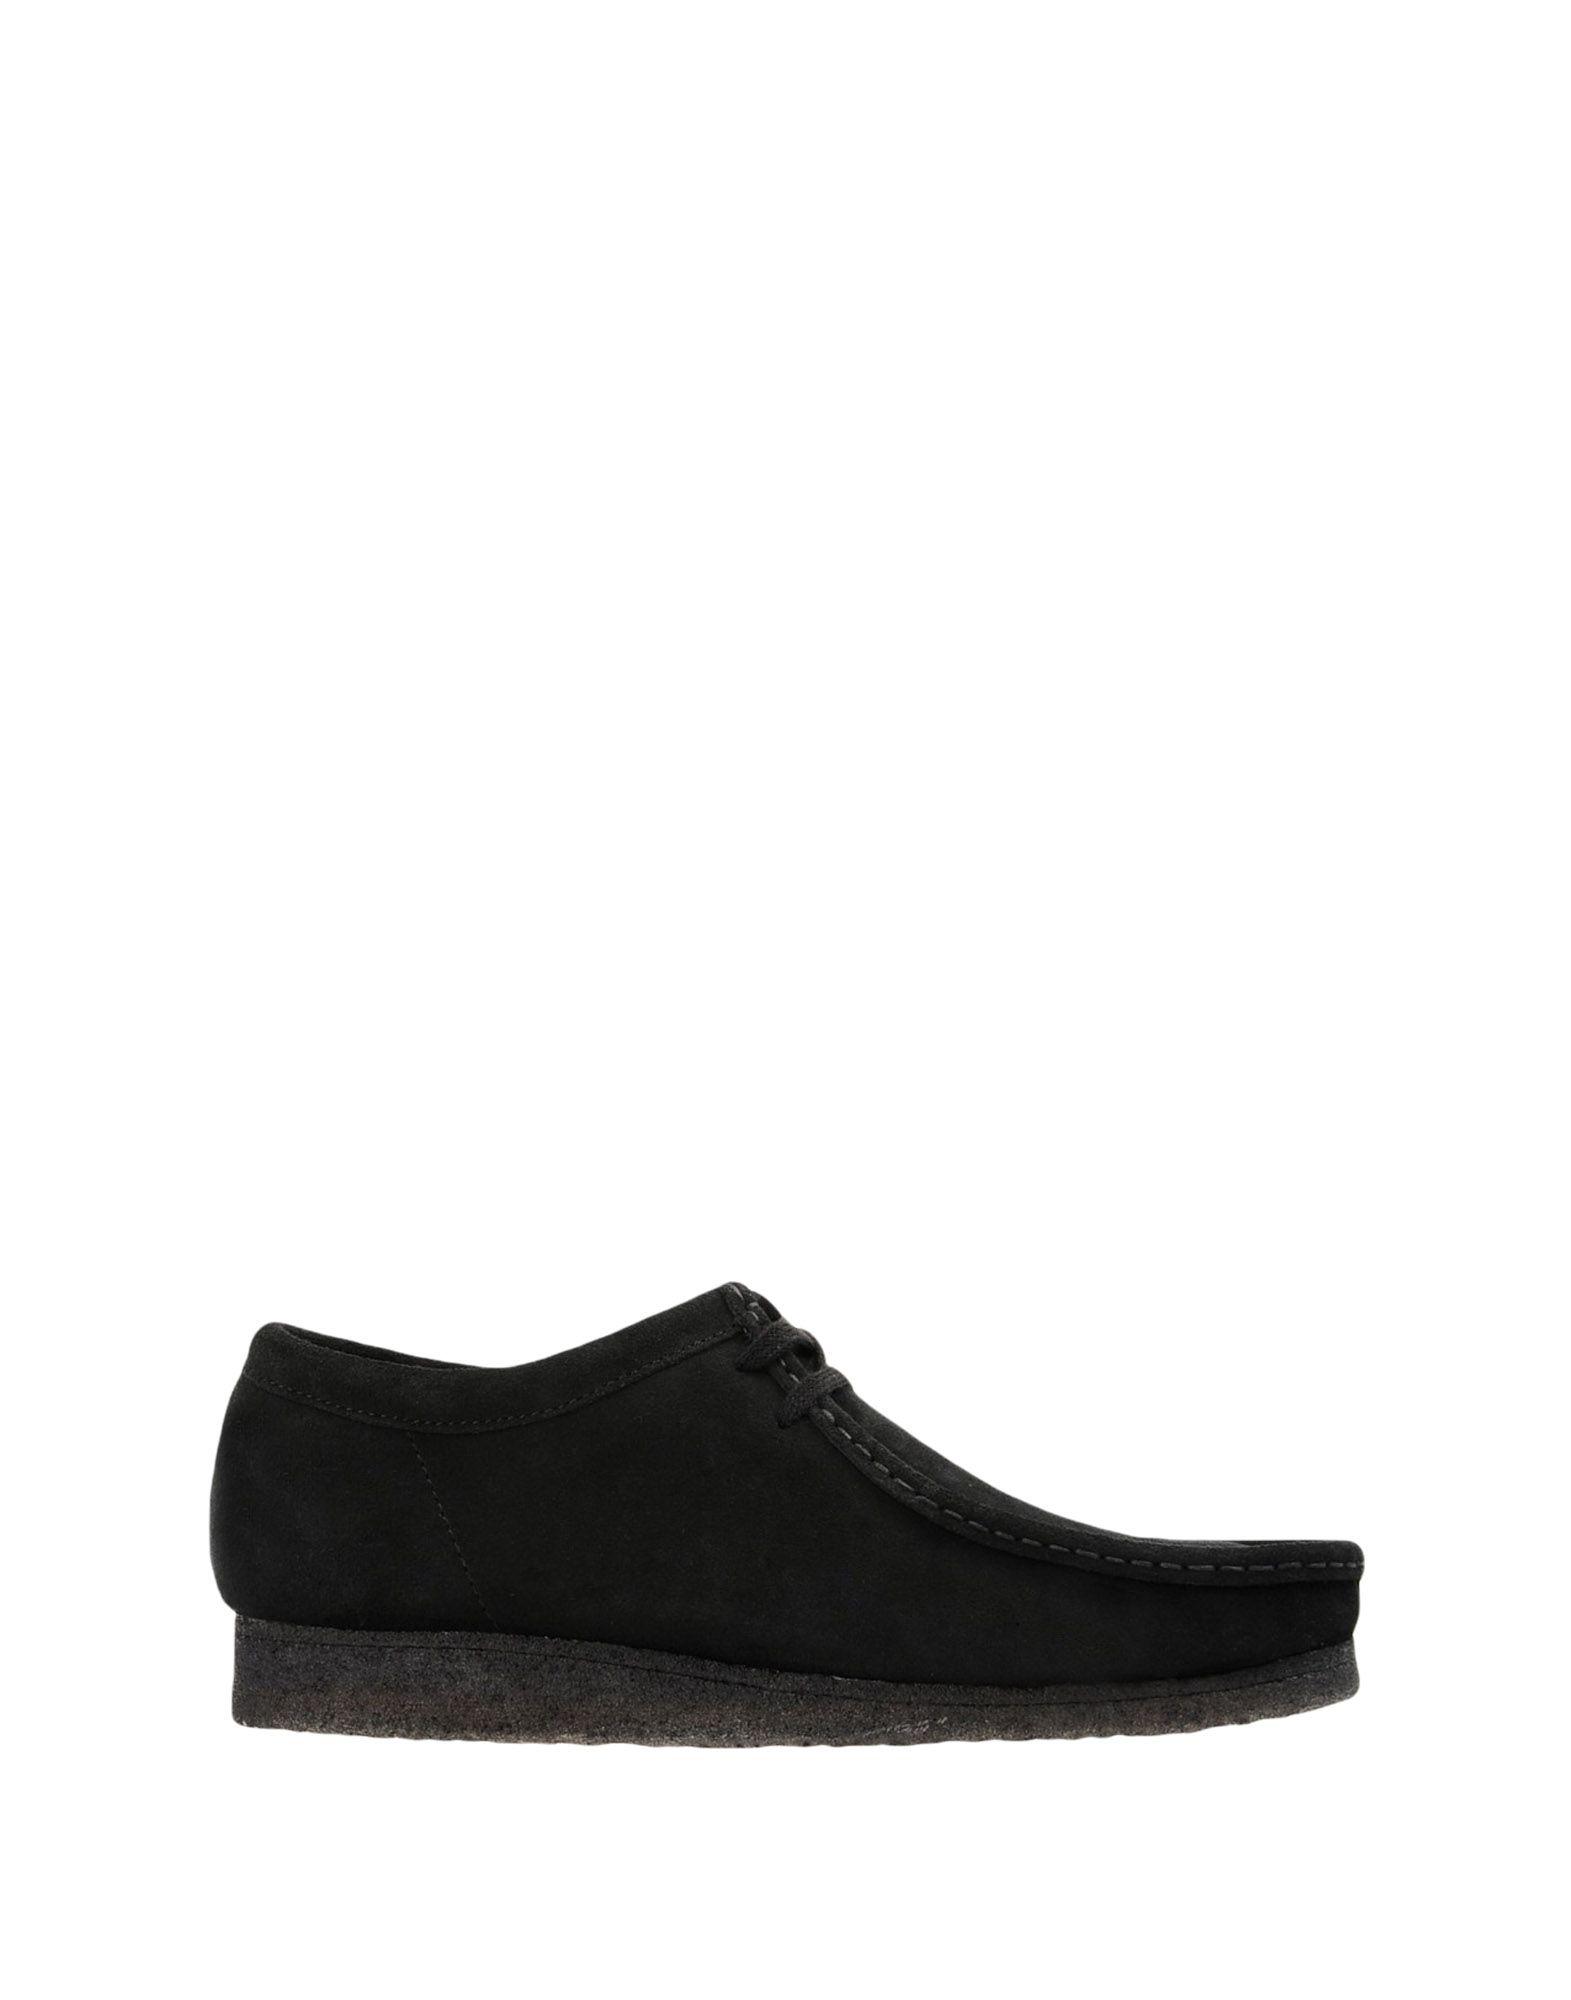 Clarks Originals Originals Originals Schnürschuhe Herren  11355378JF Neue Schuhe 42800c